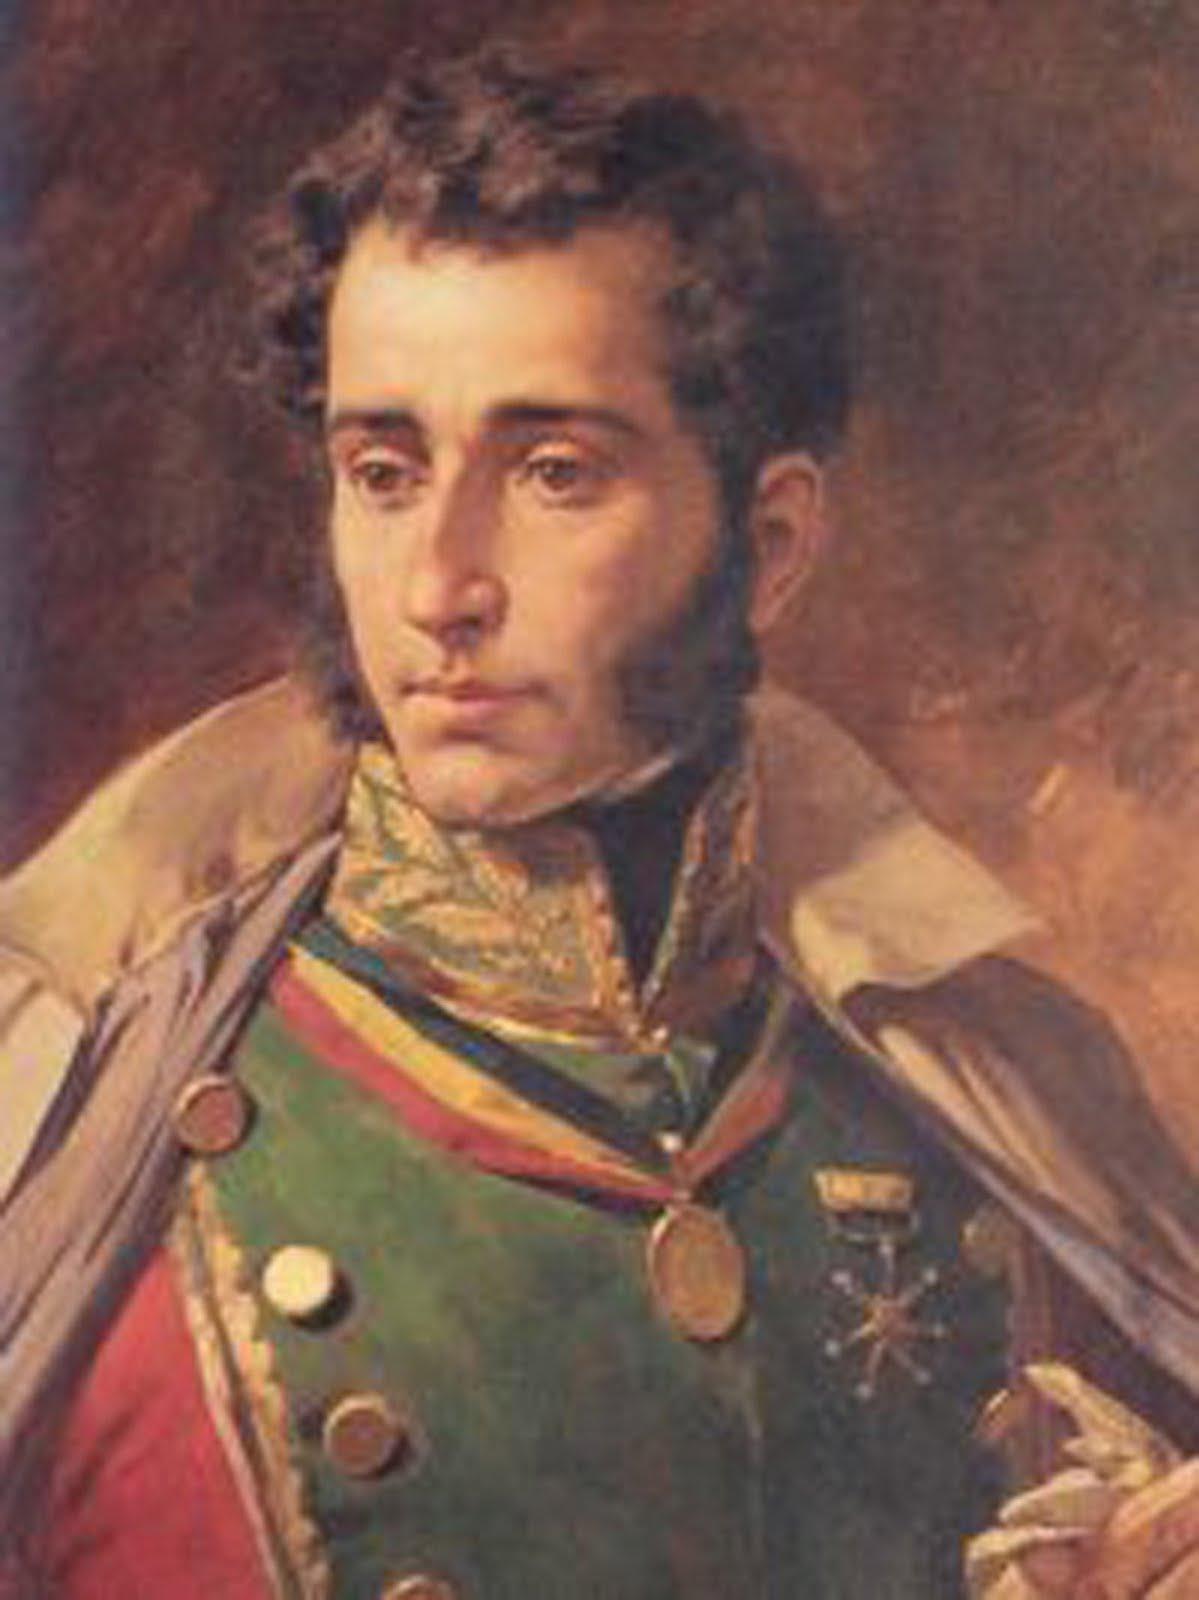 La historia recuerda al 'Abel de América' | Fundación SÍMBOLOS PATRIOS